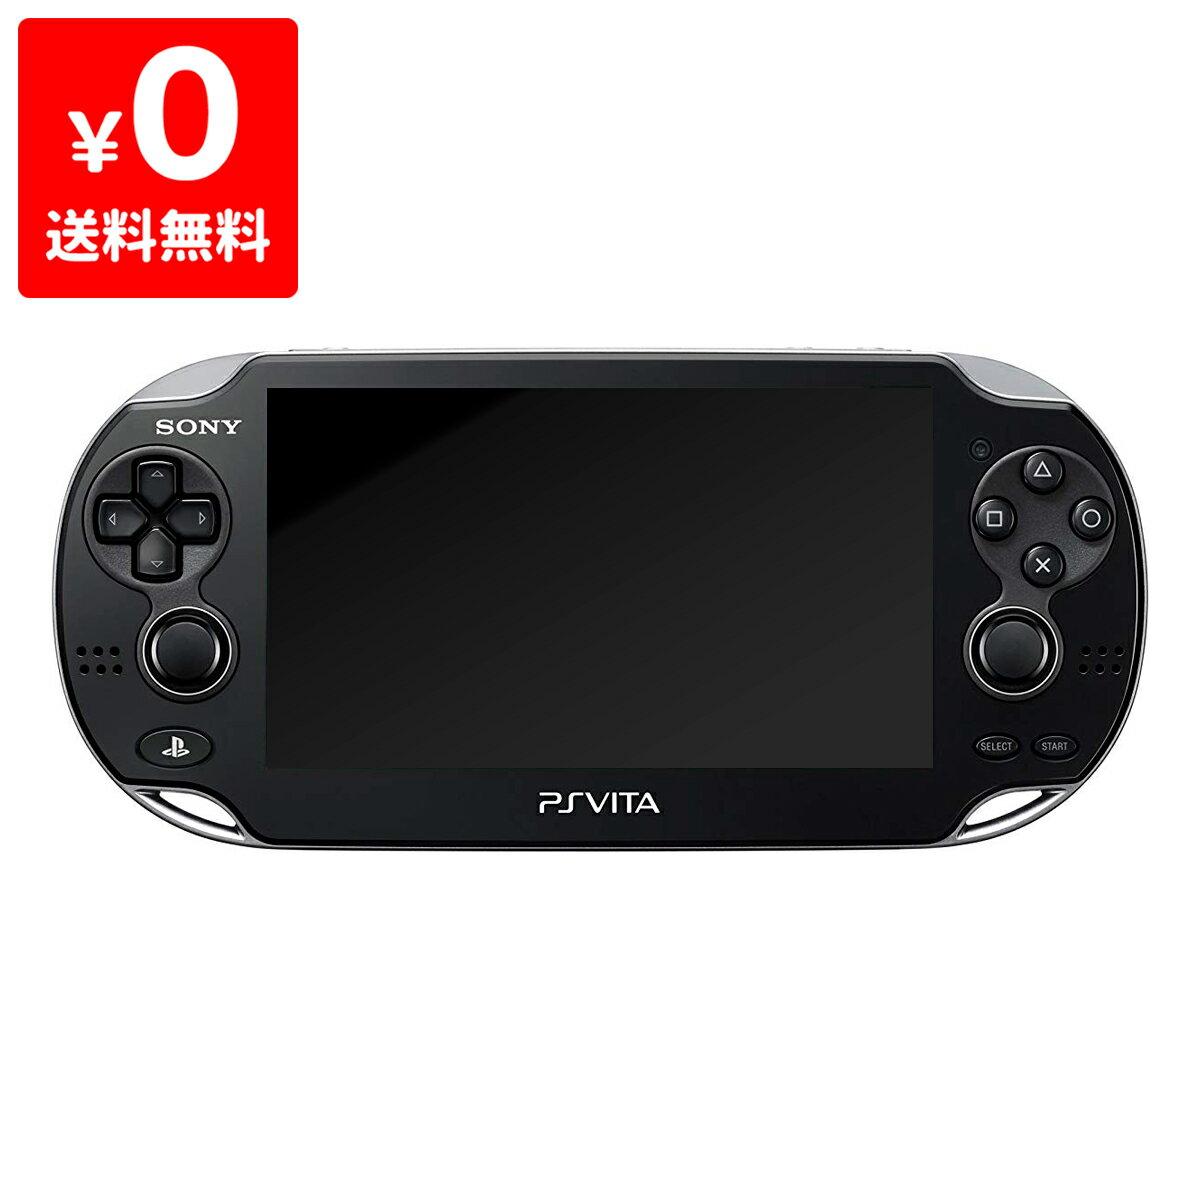 PSVita PlayStation Vita 3G/Wi-Fiモデル クリスタル・ブラック 限定版 (PCH-1100AB01) 本体のみ PlayStationVita SONY ソニー 中古 4948872412940 送料無料 【中古】